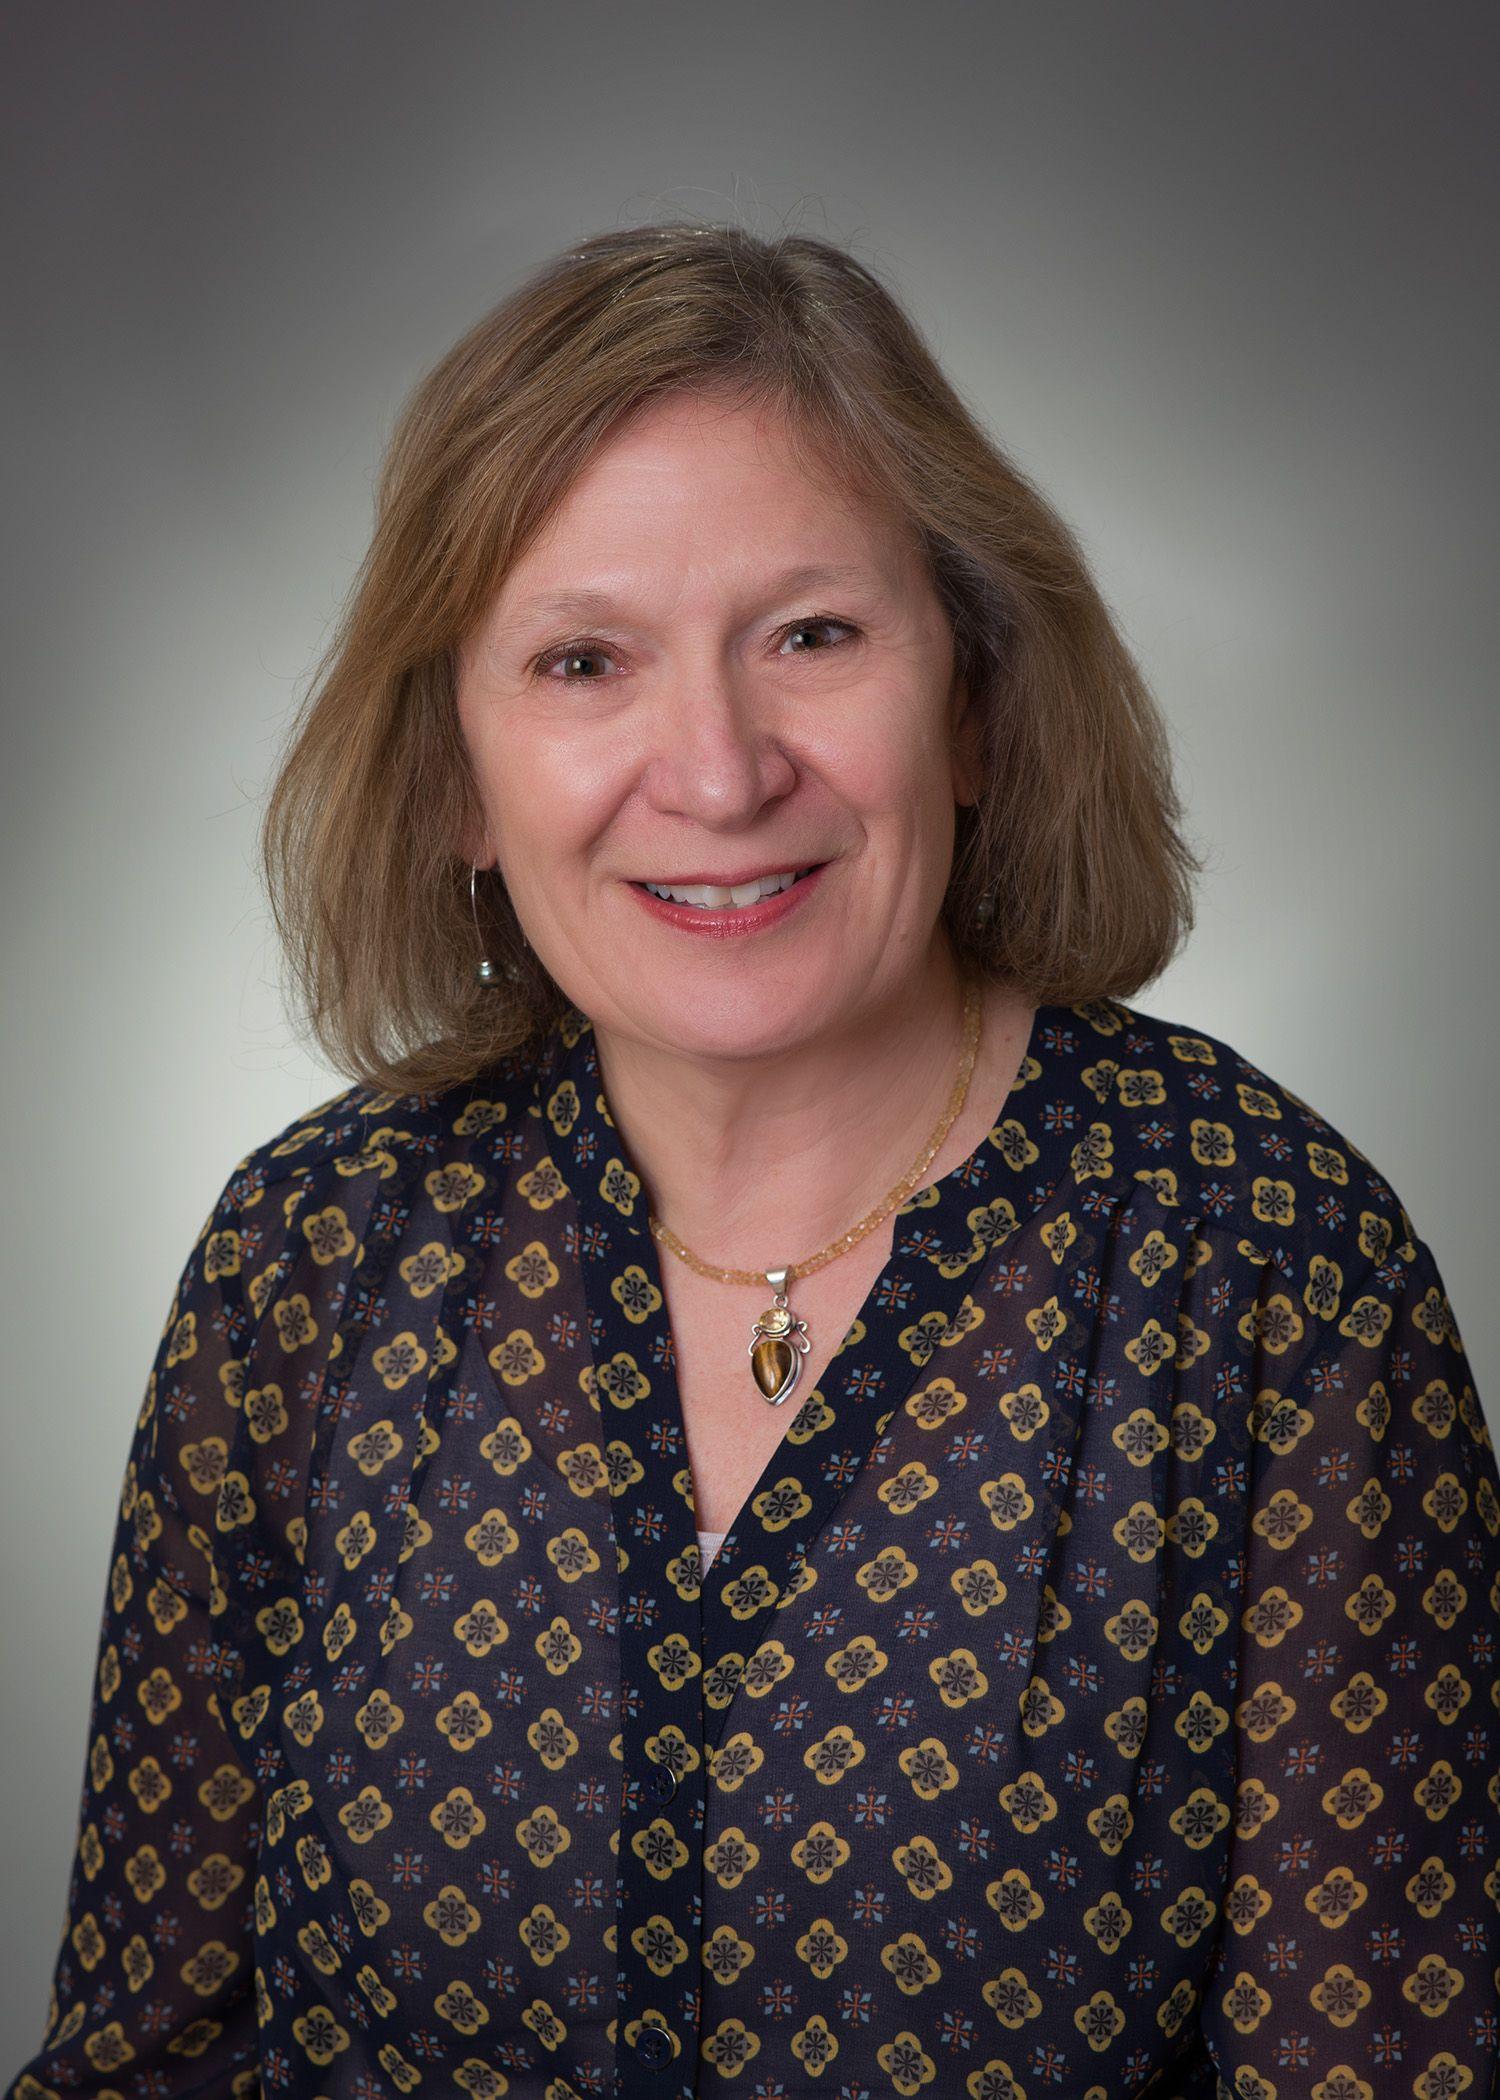 Barbara Slonaker